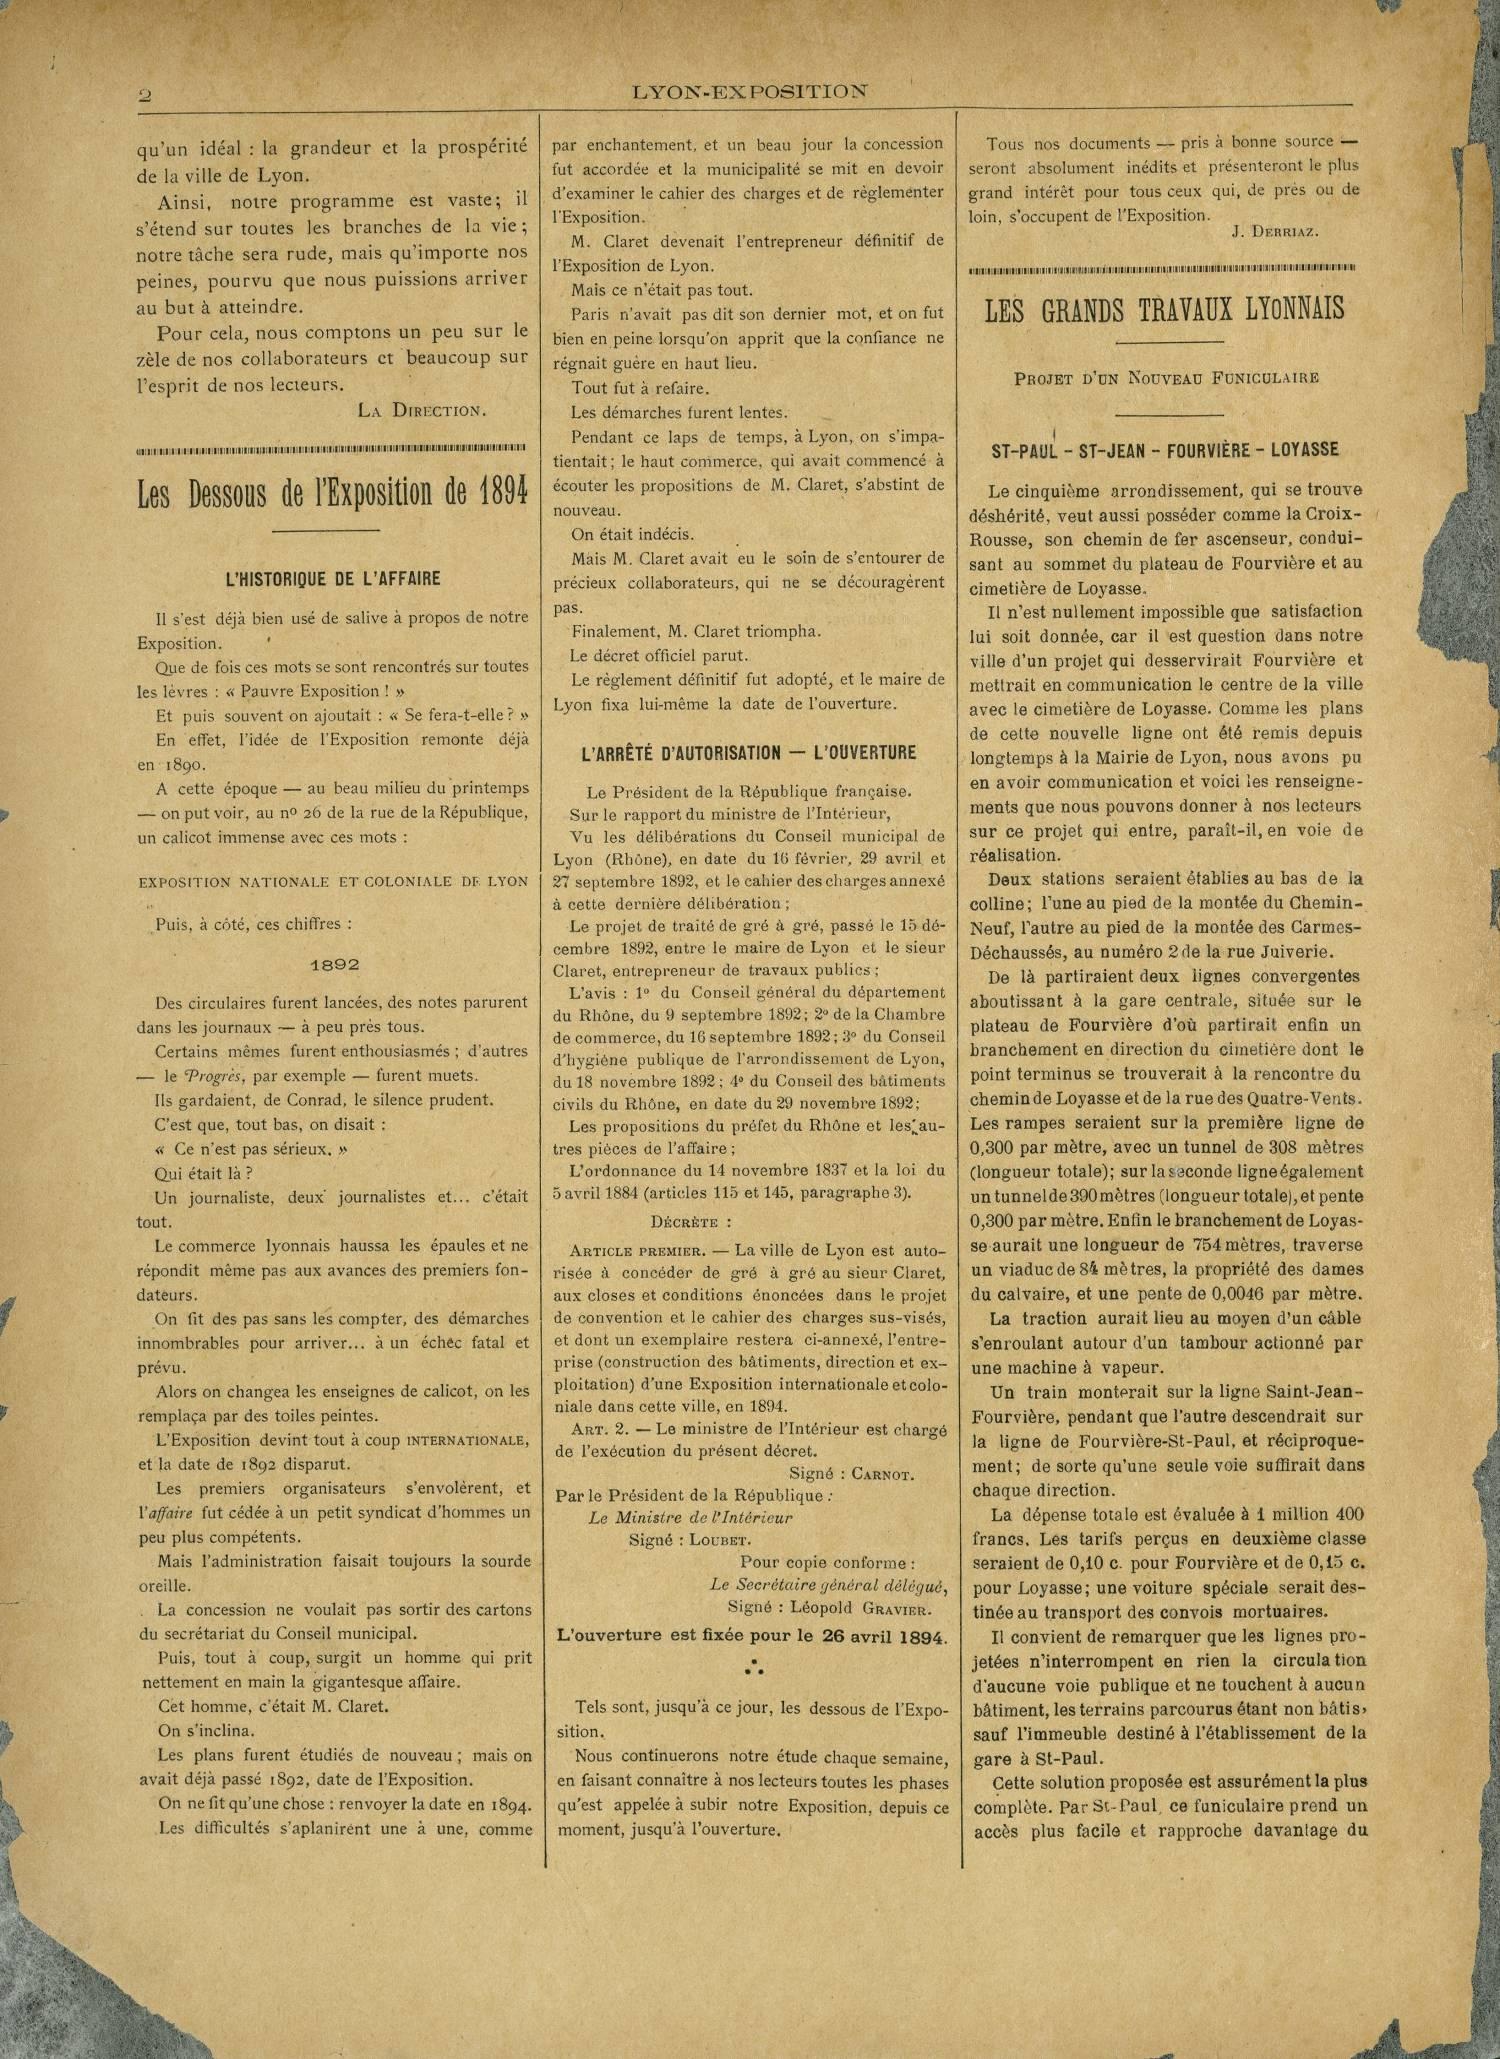 Contenu textuel de l'image : LES GRANDS TRAVAUX LYONNAIS